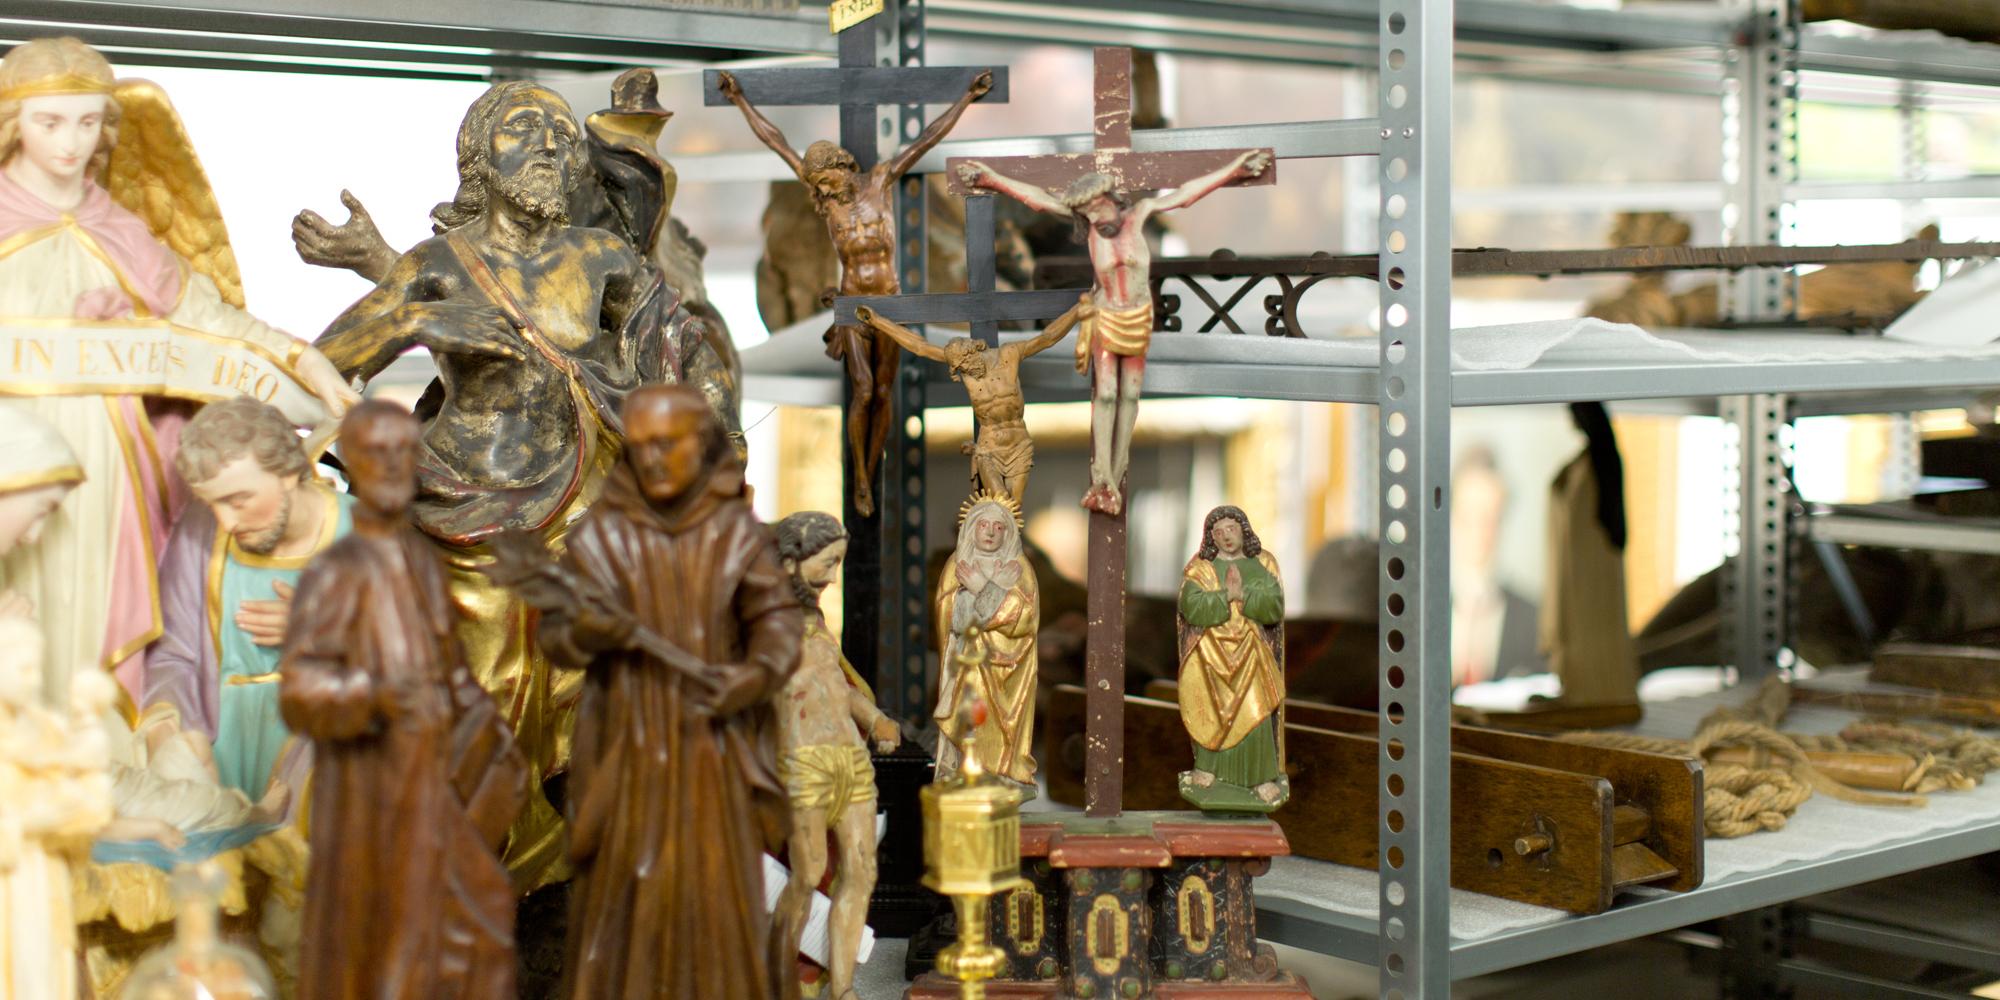 Historisches Museum Thurgau Heiligenfiguren